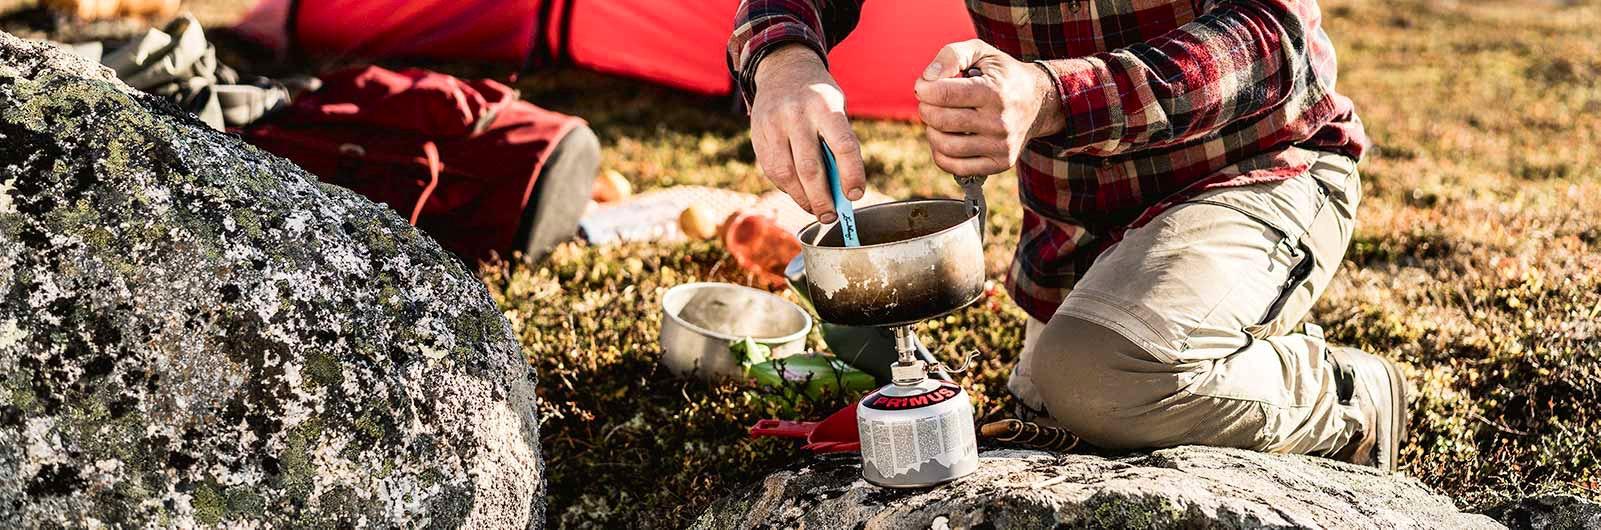 Stormkök och matlagning utomhus